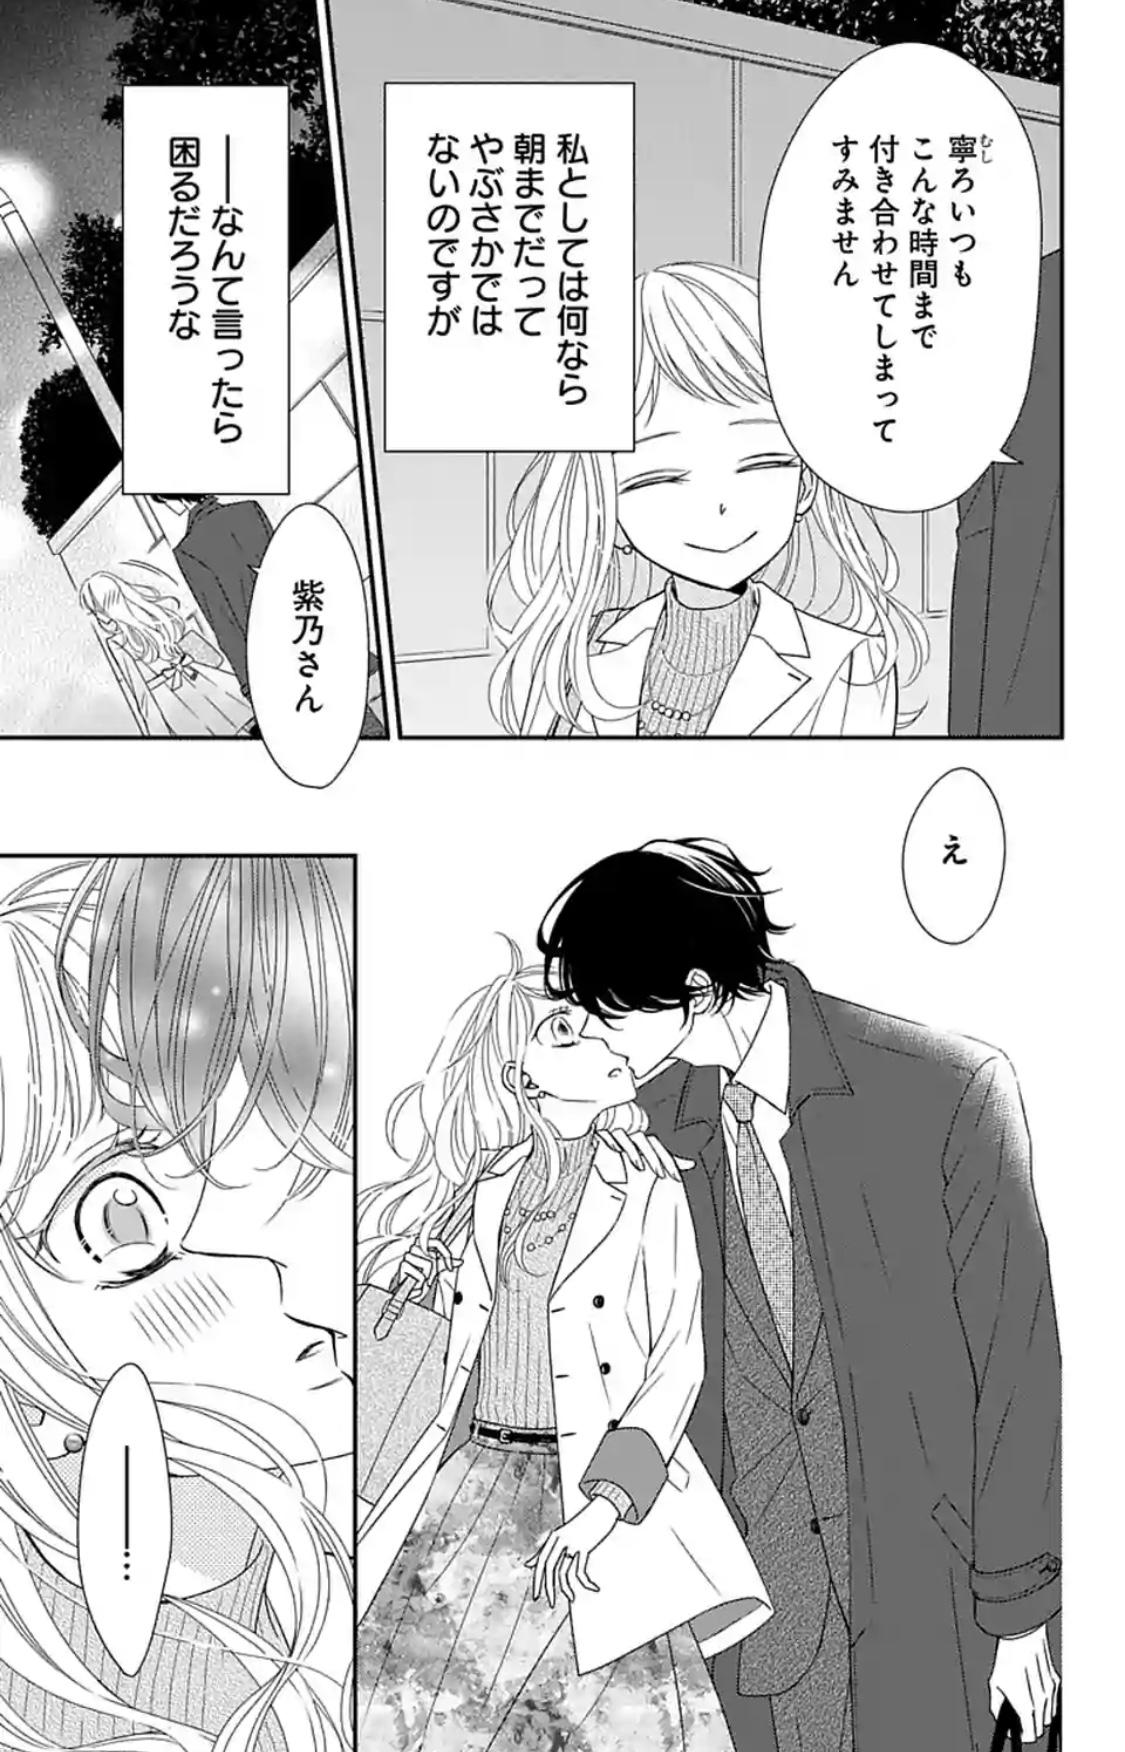 作品の魅力3:大人の関係にドキドキ!コミカル&エロス!